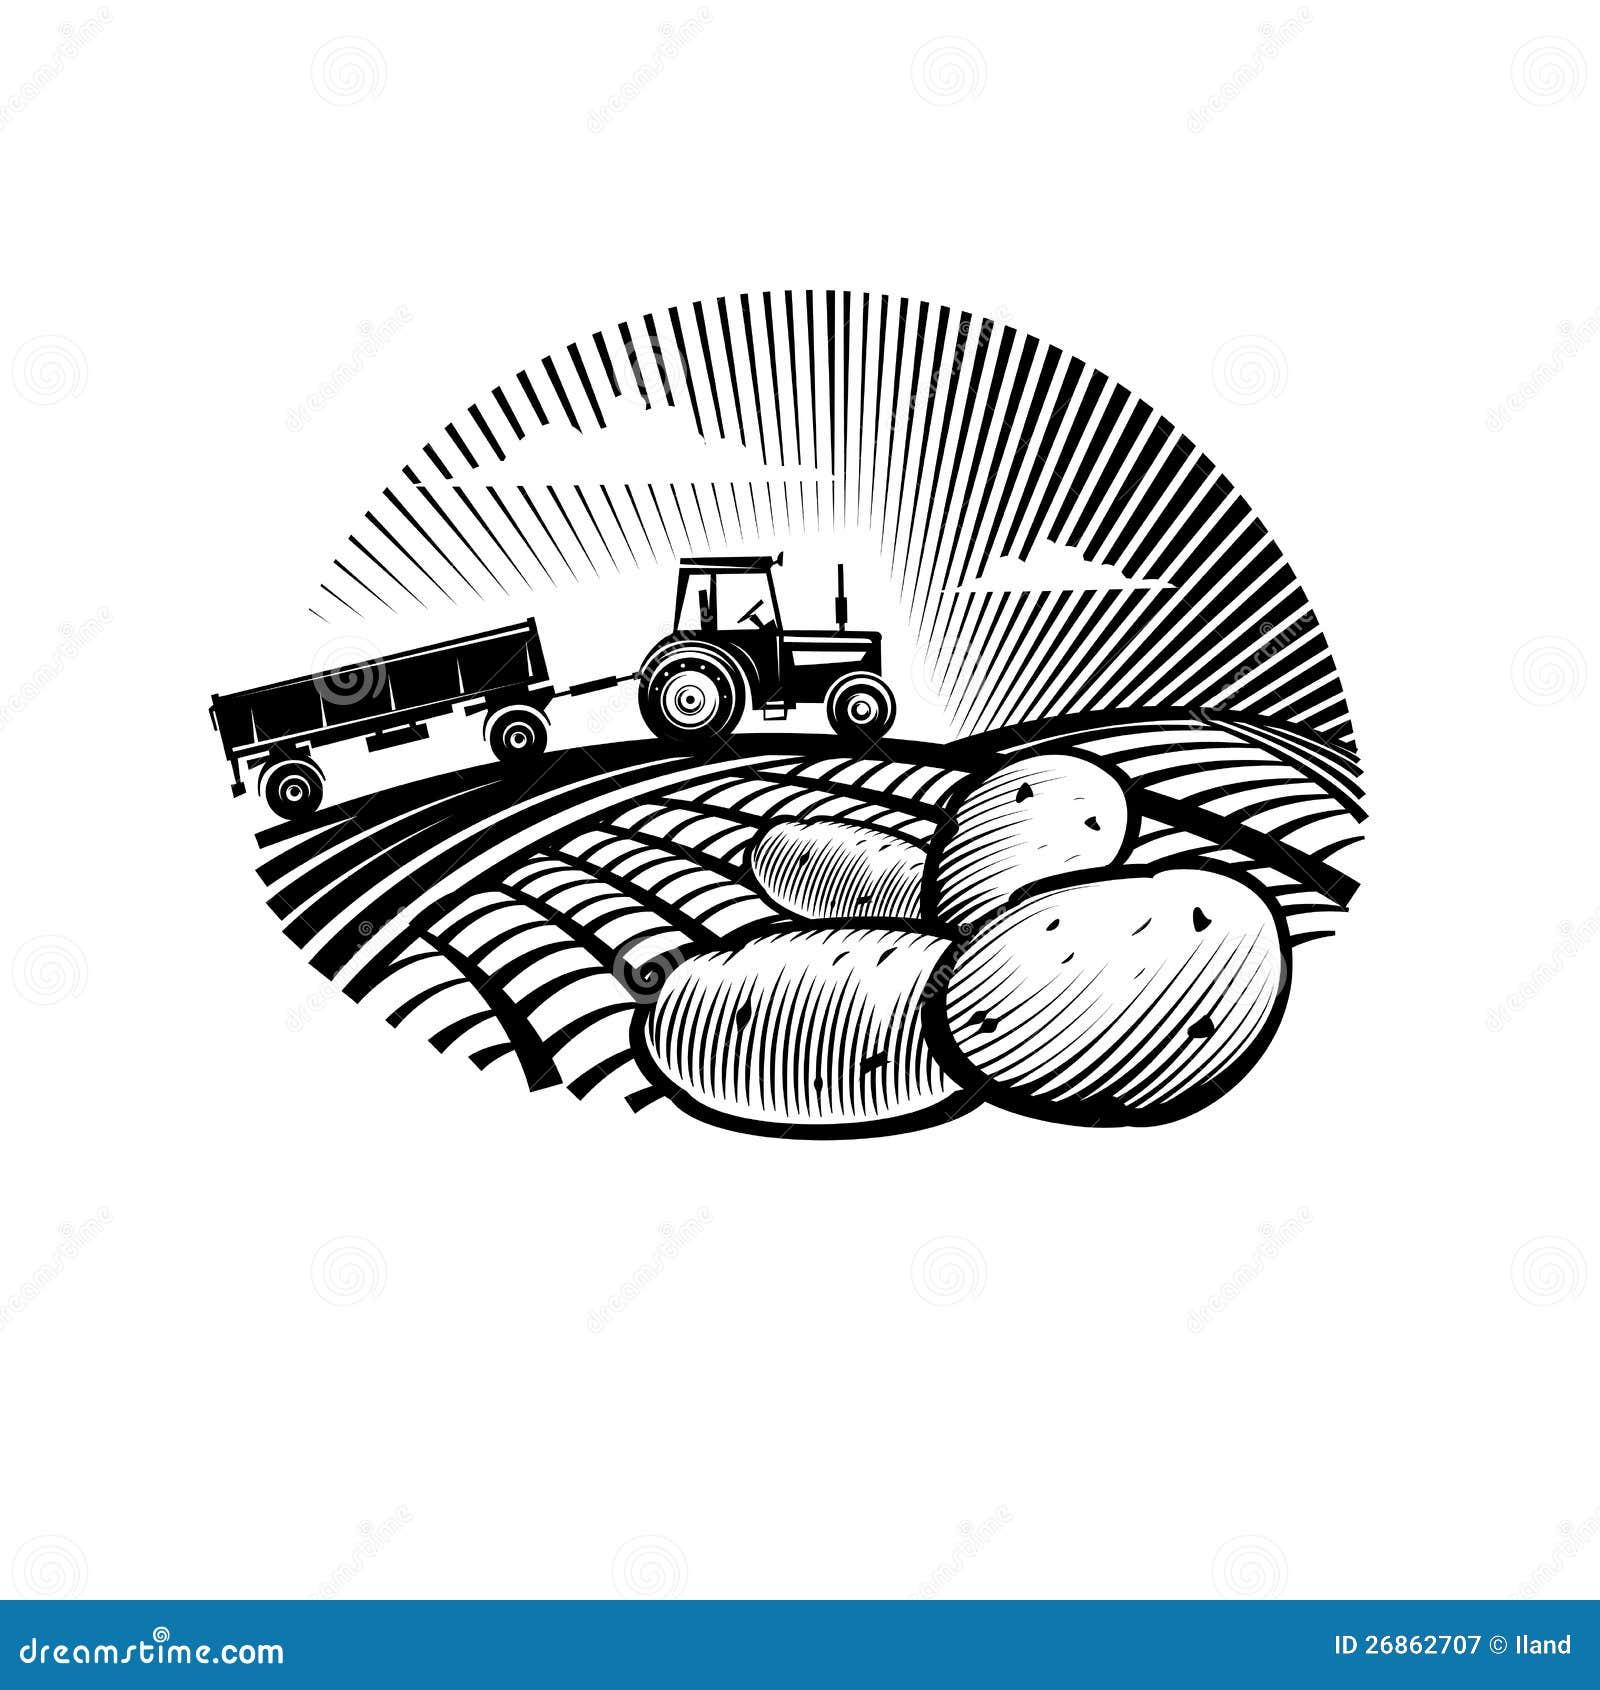 potato against farm tractor in a field stock vector